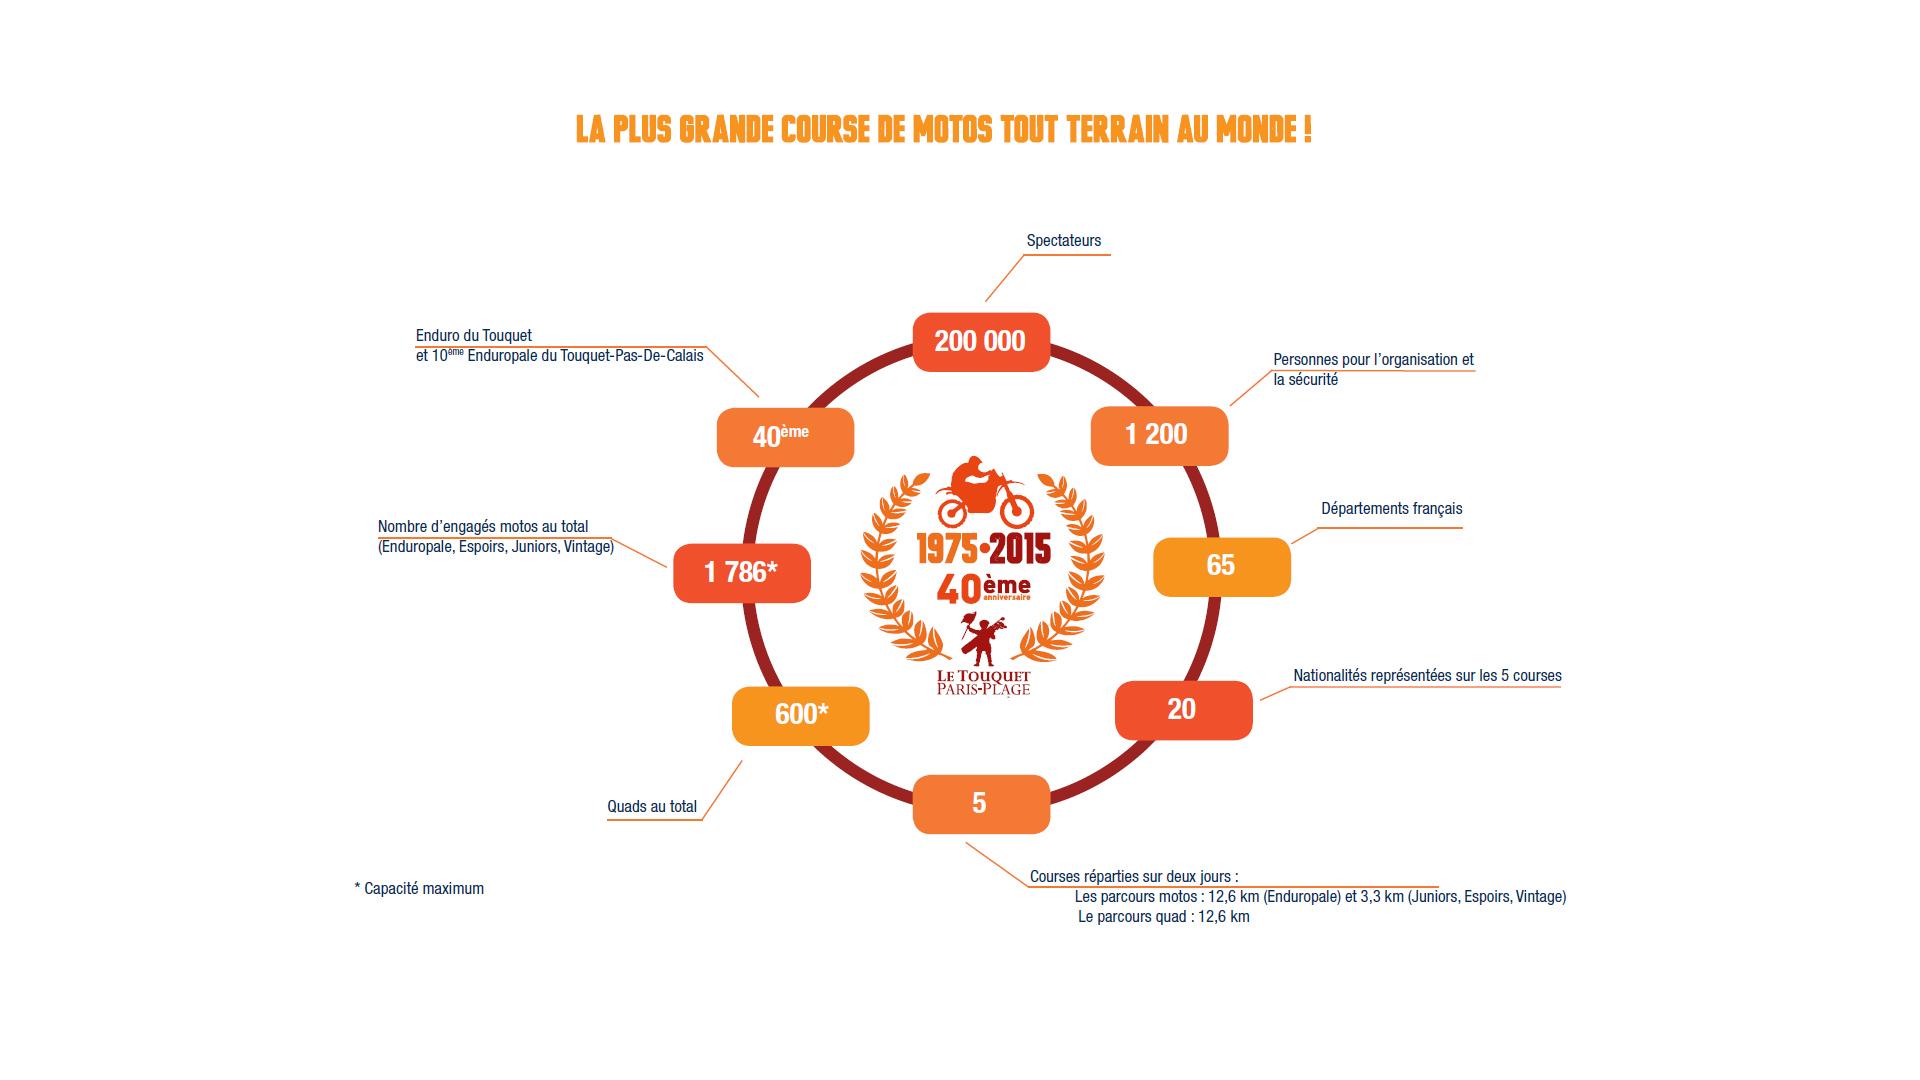 Enduropale du Touquet 2015 - Infographie